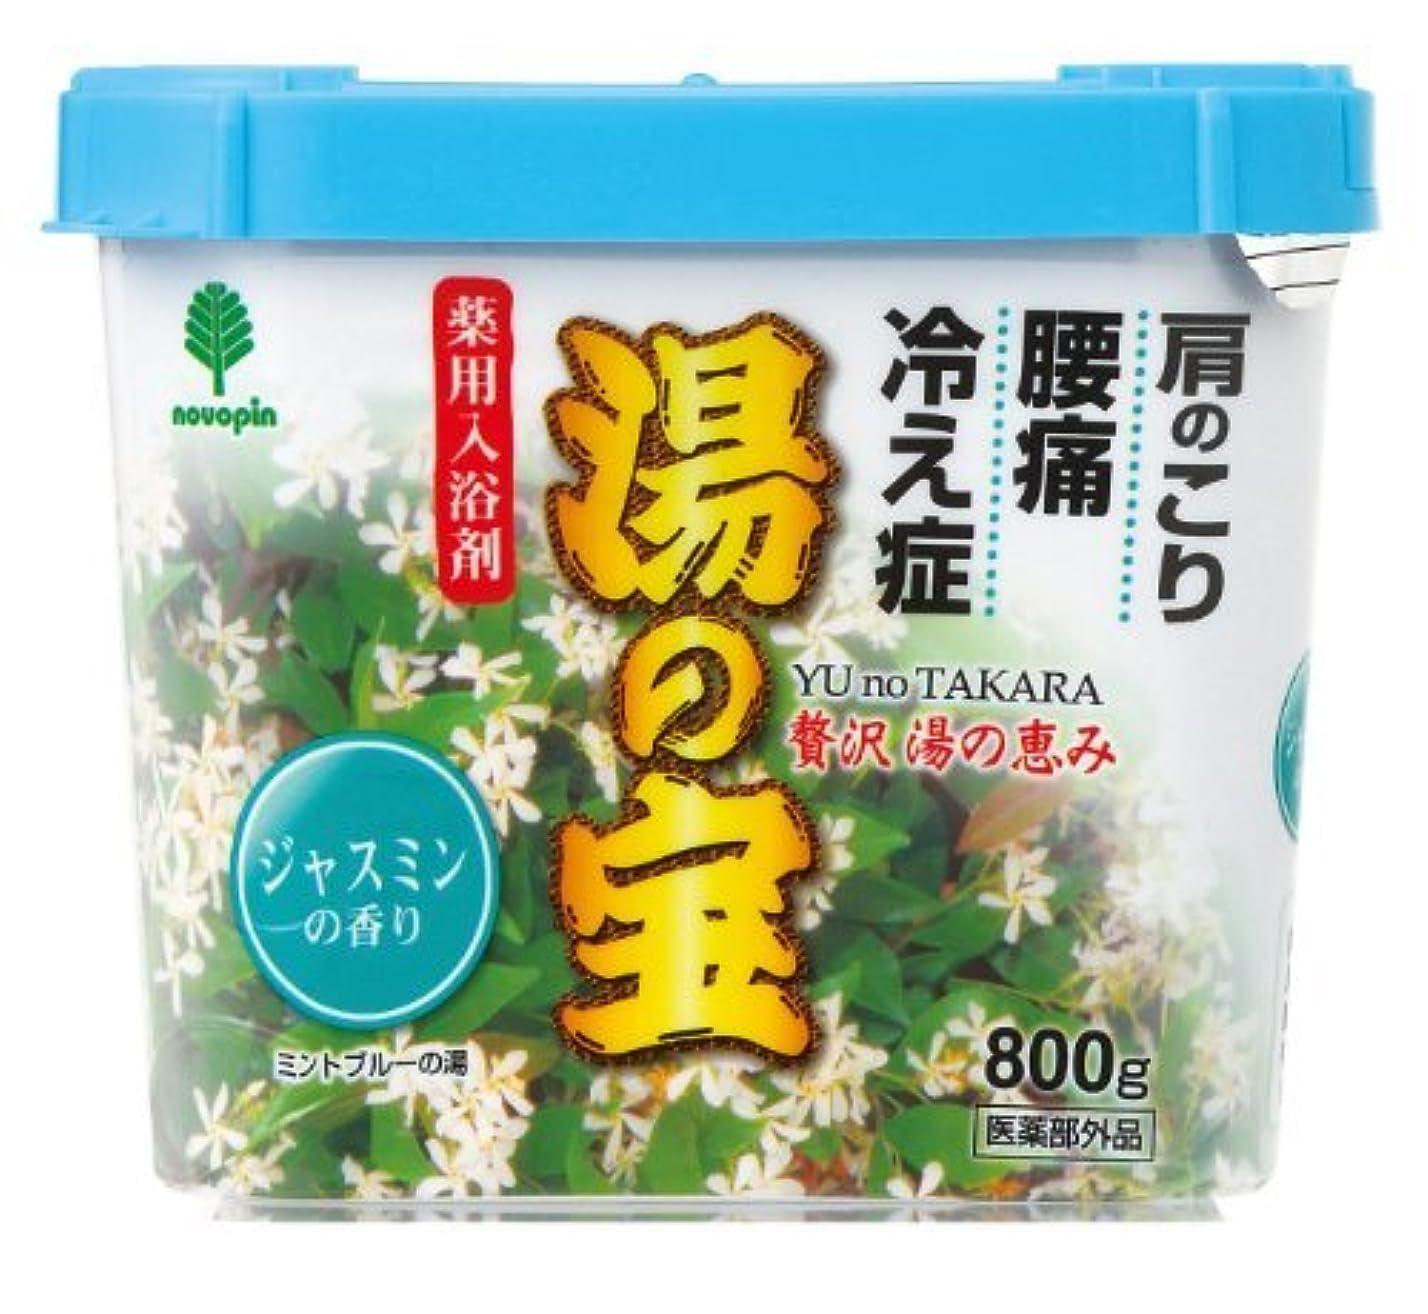 ライバル対応勤勉な紀陽除虫菊 湯の宝 ジャスミンの香り 800g【まとめ買い16個セット】 N-0056